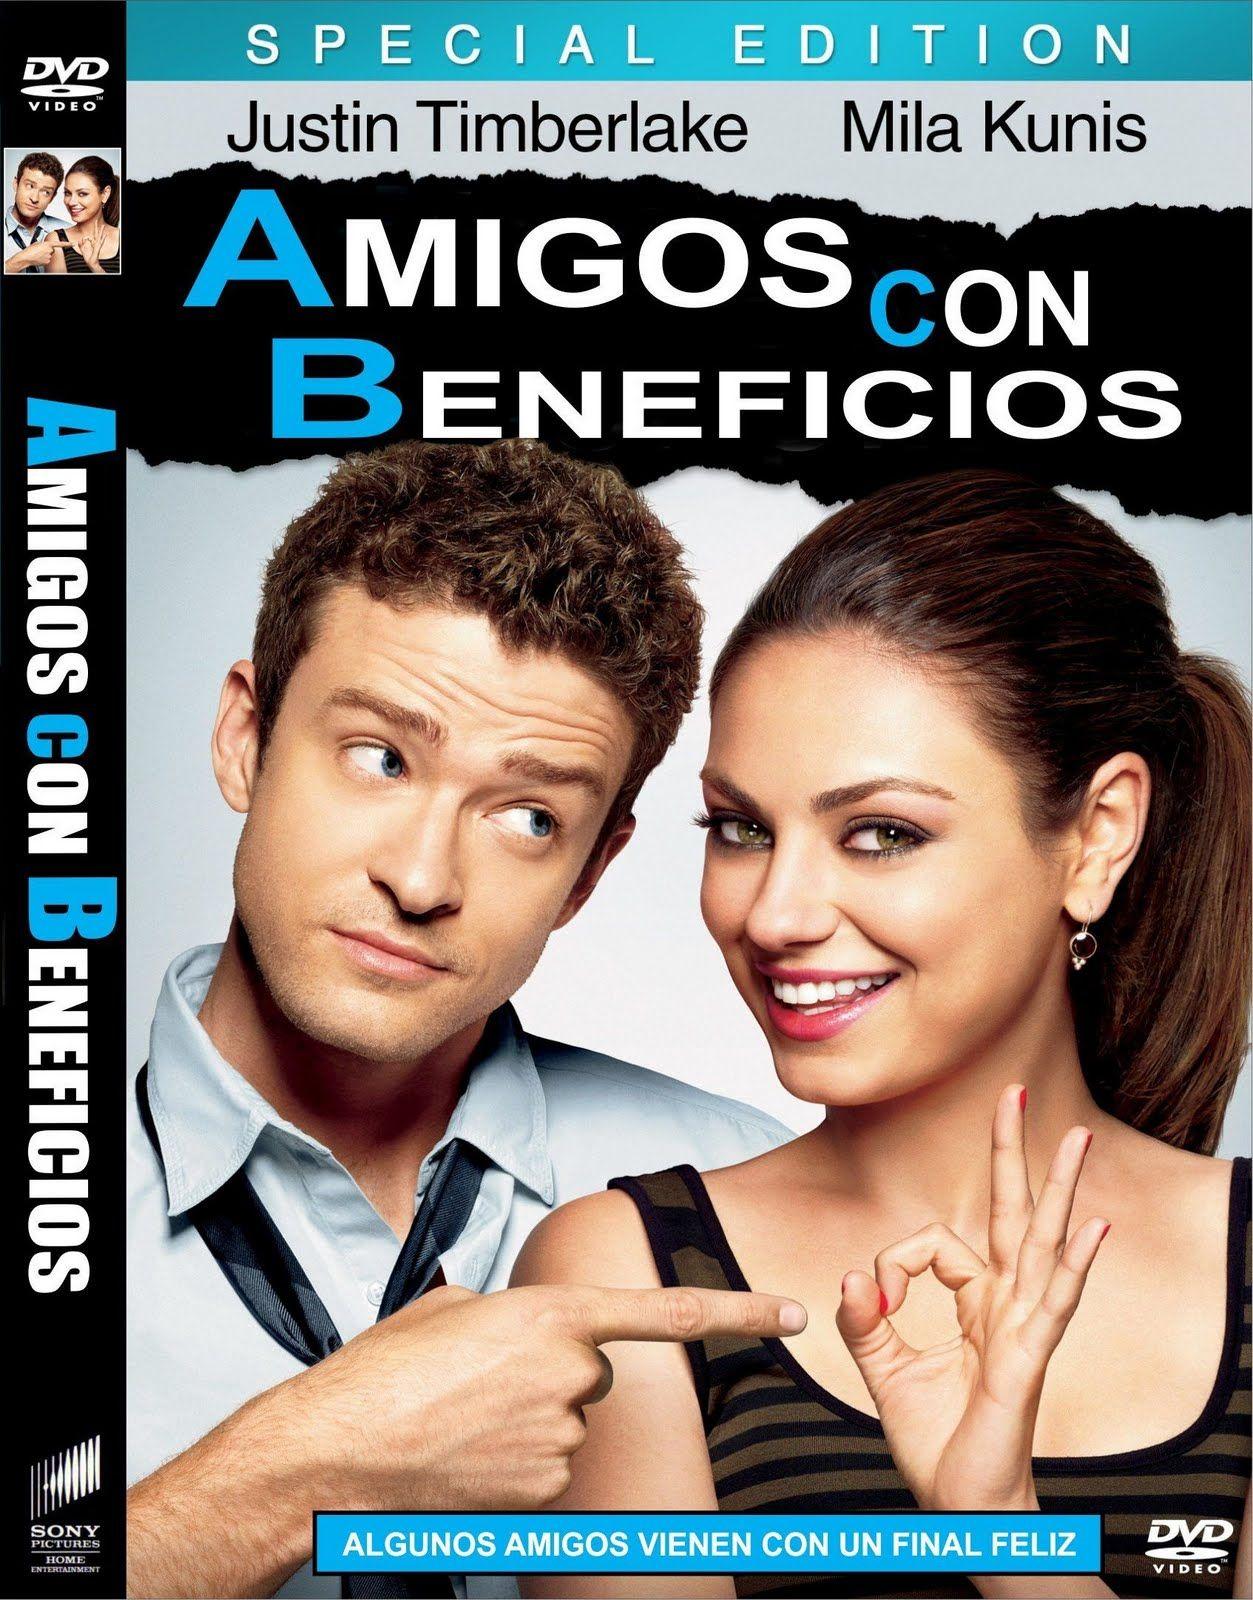 Amigos Con Beneficios Link Http Www Pelisplus Tv Pelicula Con